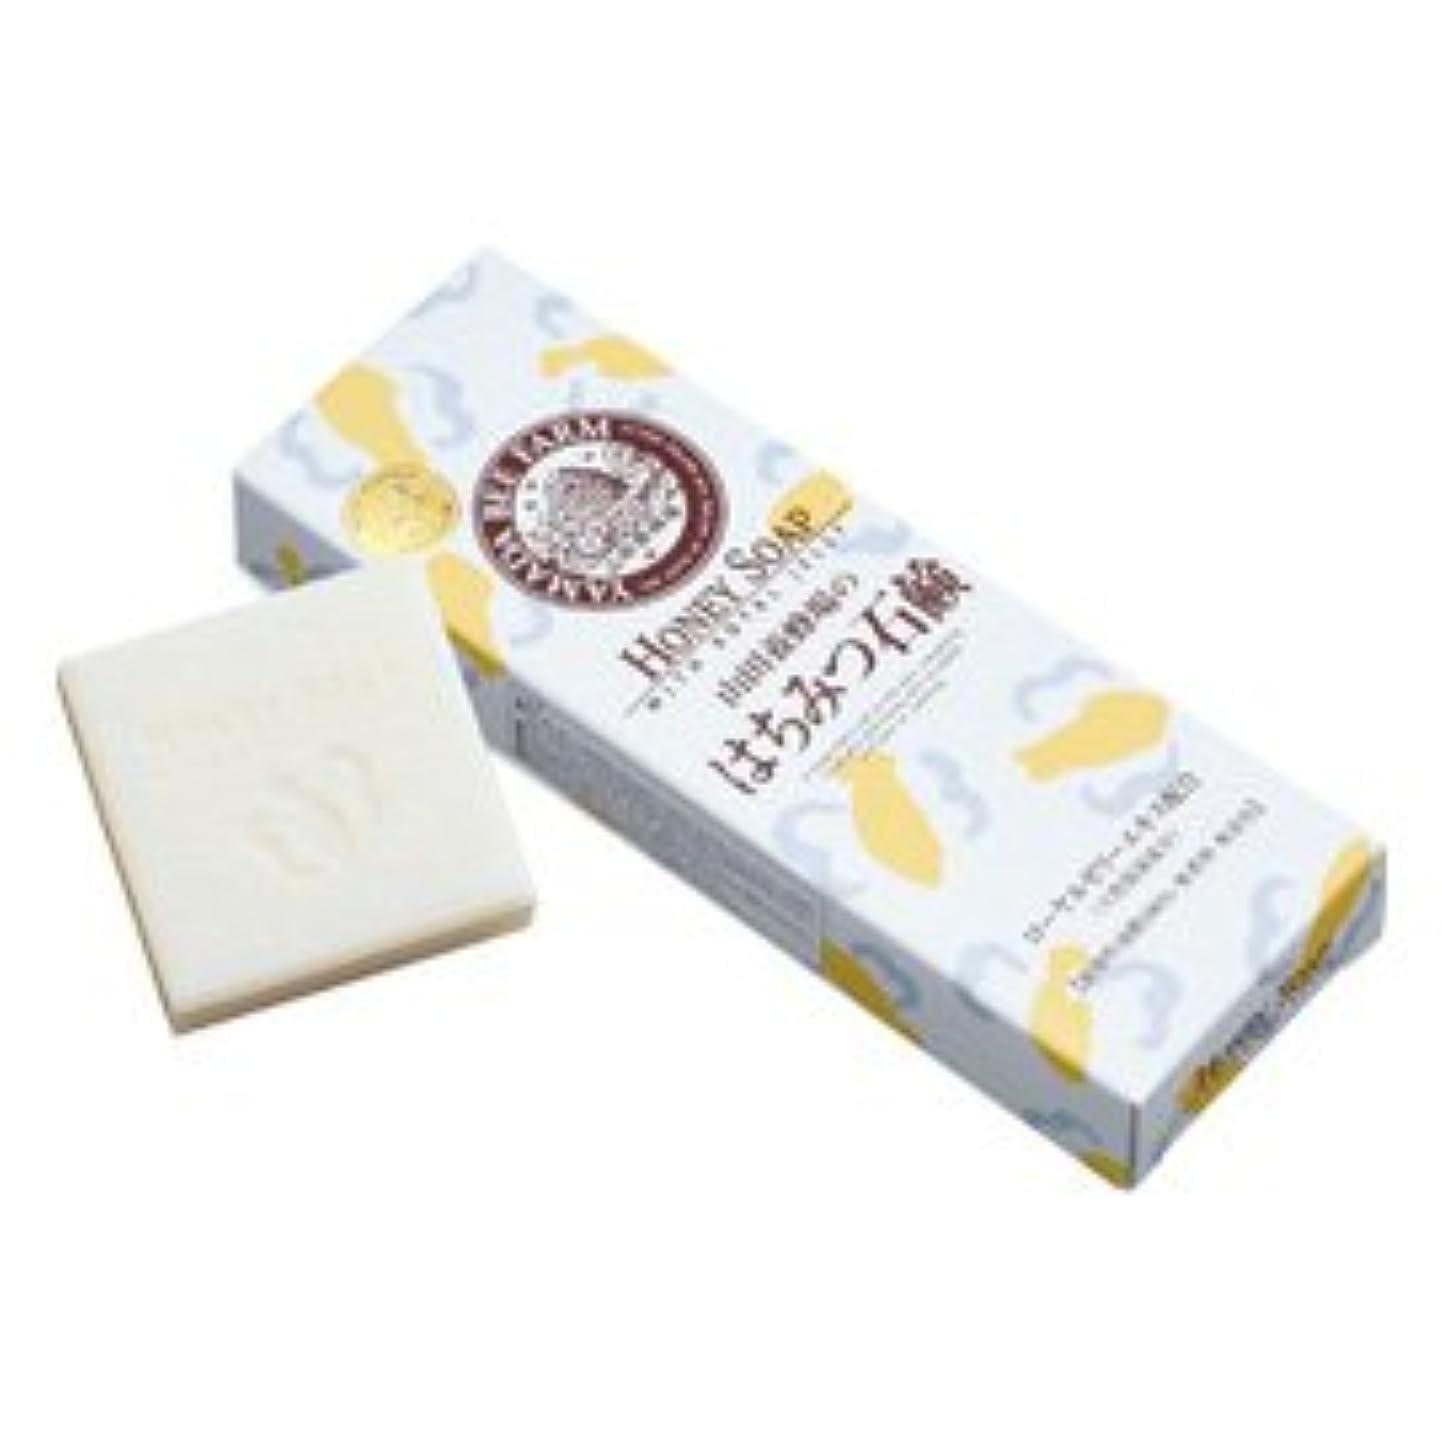 である請求書トランザクションはちみつ石鹸 60g×3個入/Honey Soap